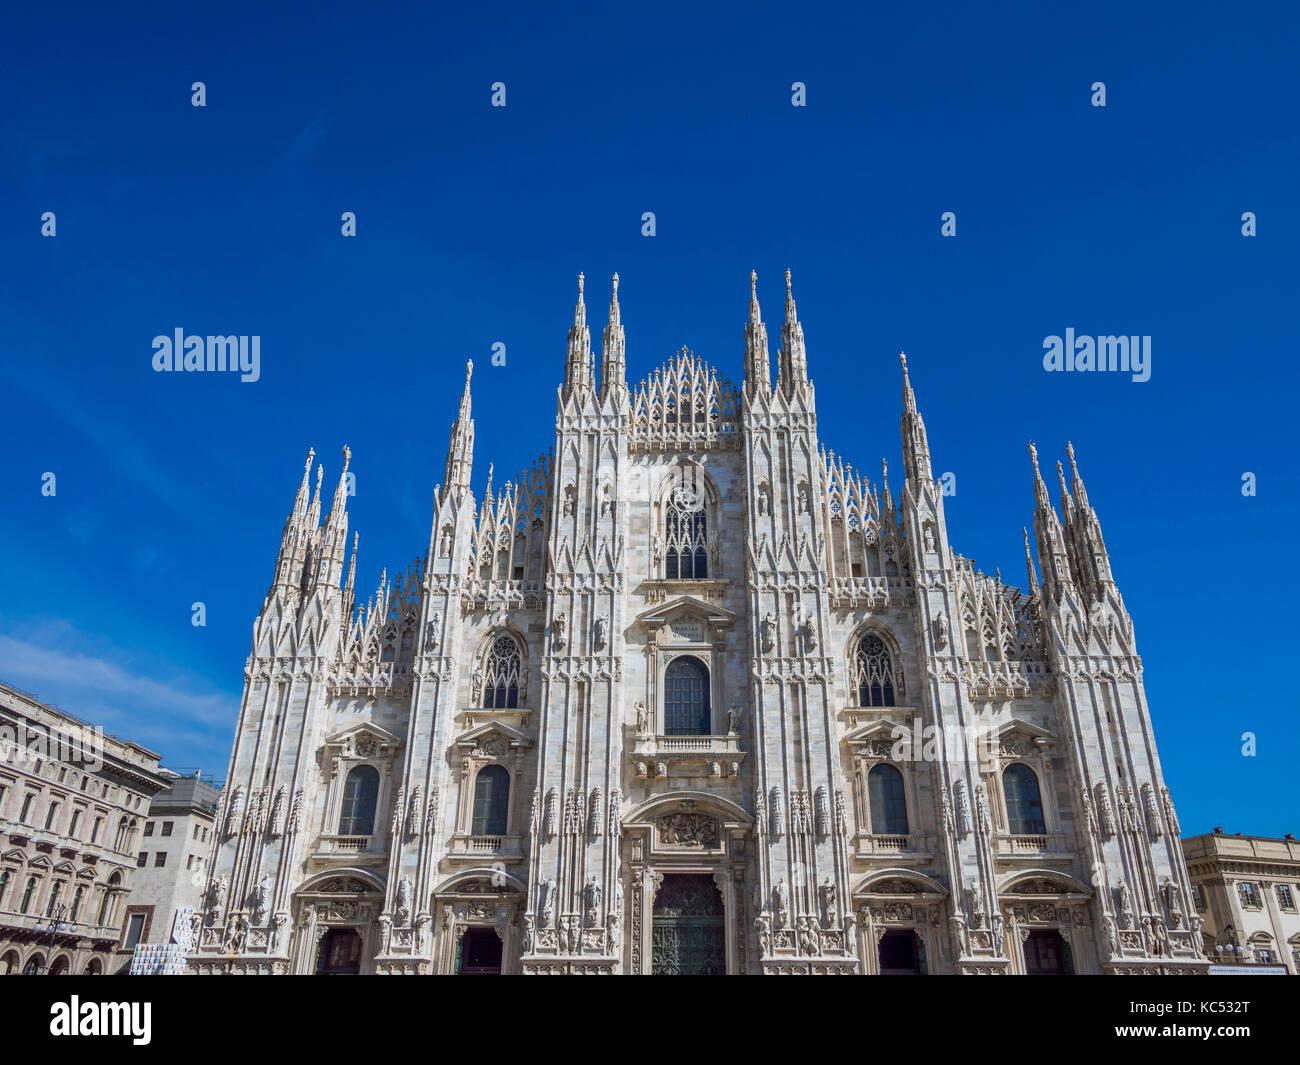 Il duomo di Milano e il duomo di santa Maria Nascente, milano, lombardia, italia, europa Immagini Stock